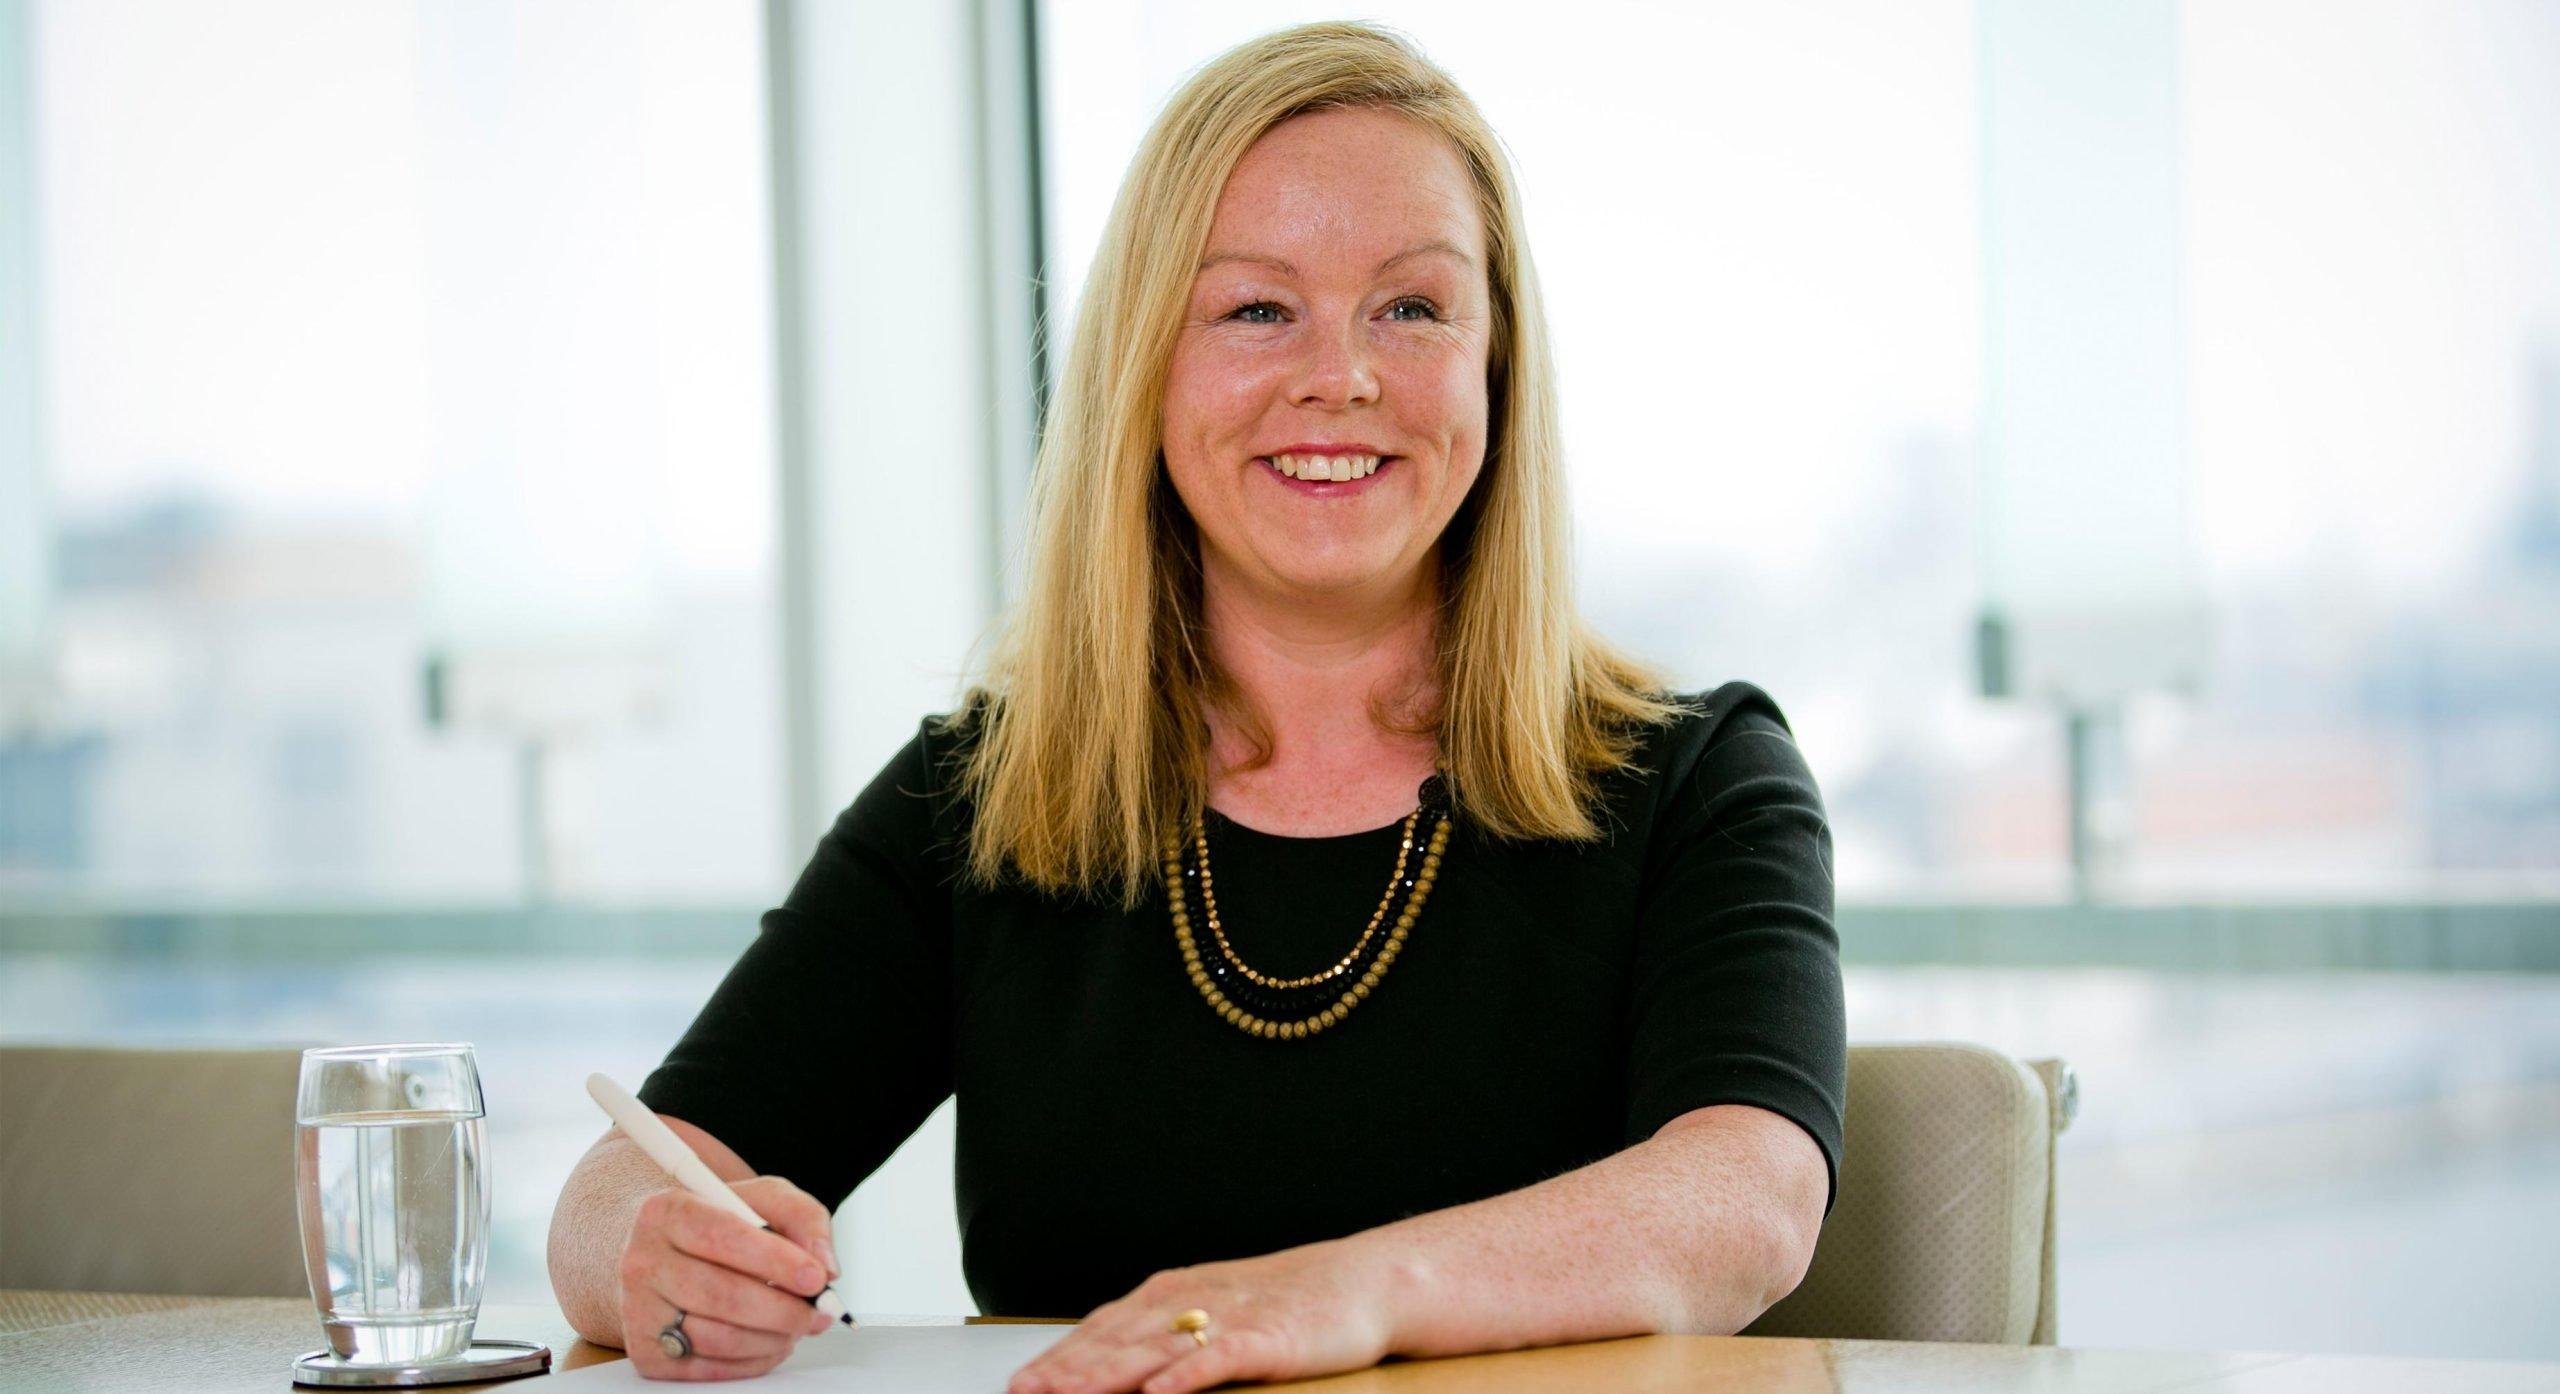 The speaker Deirdre Kilroy's profile image